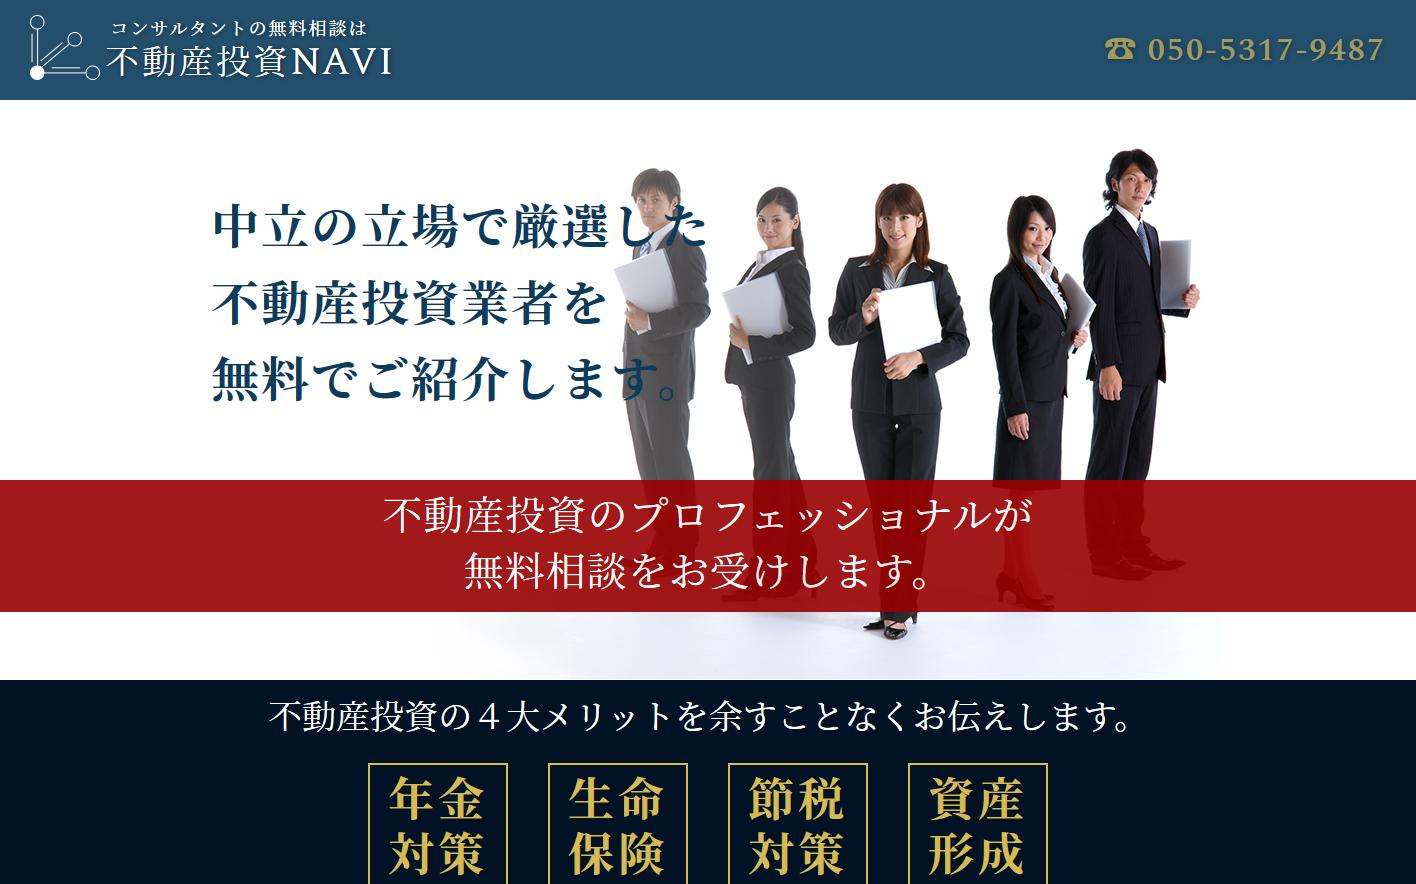 お客様の要望に応じて優良な不動産投資会社をご紹介するサービス【不動産投資NAVI】